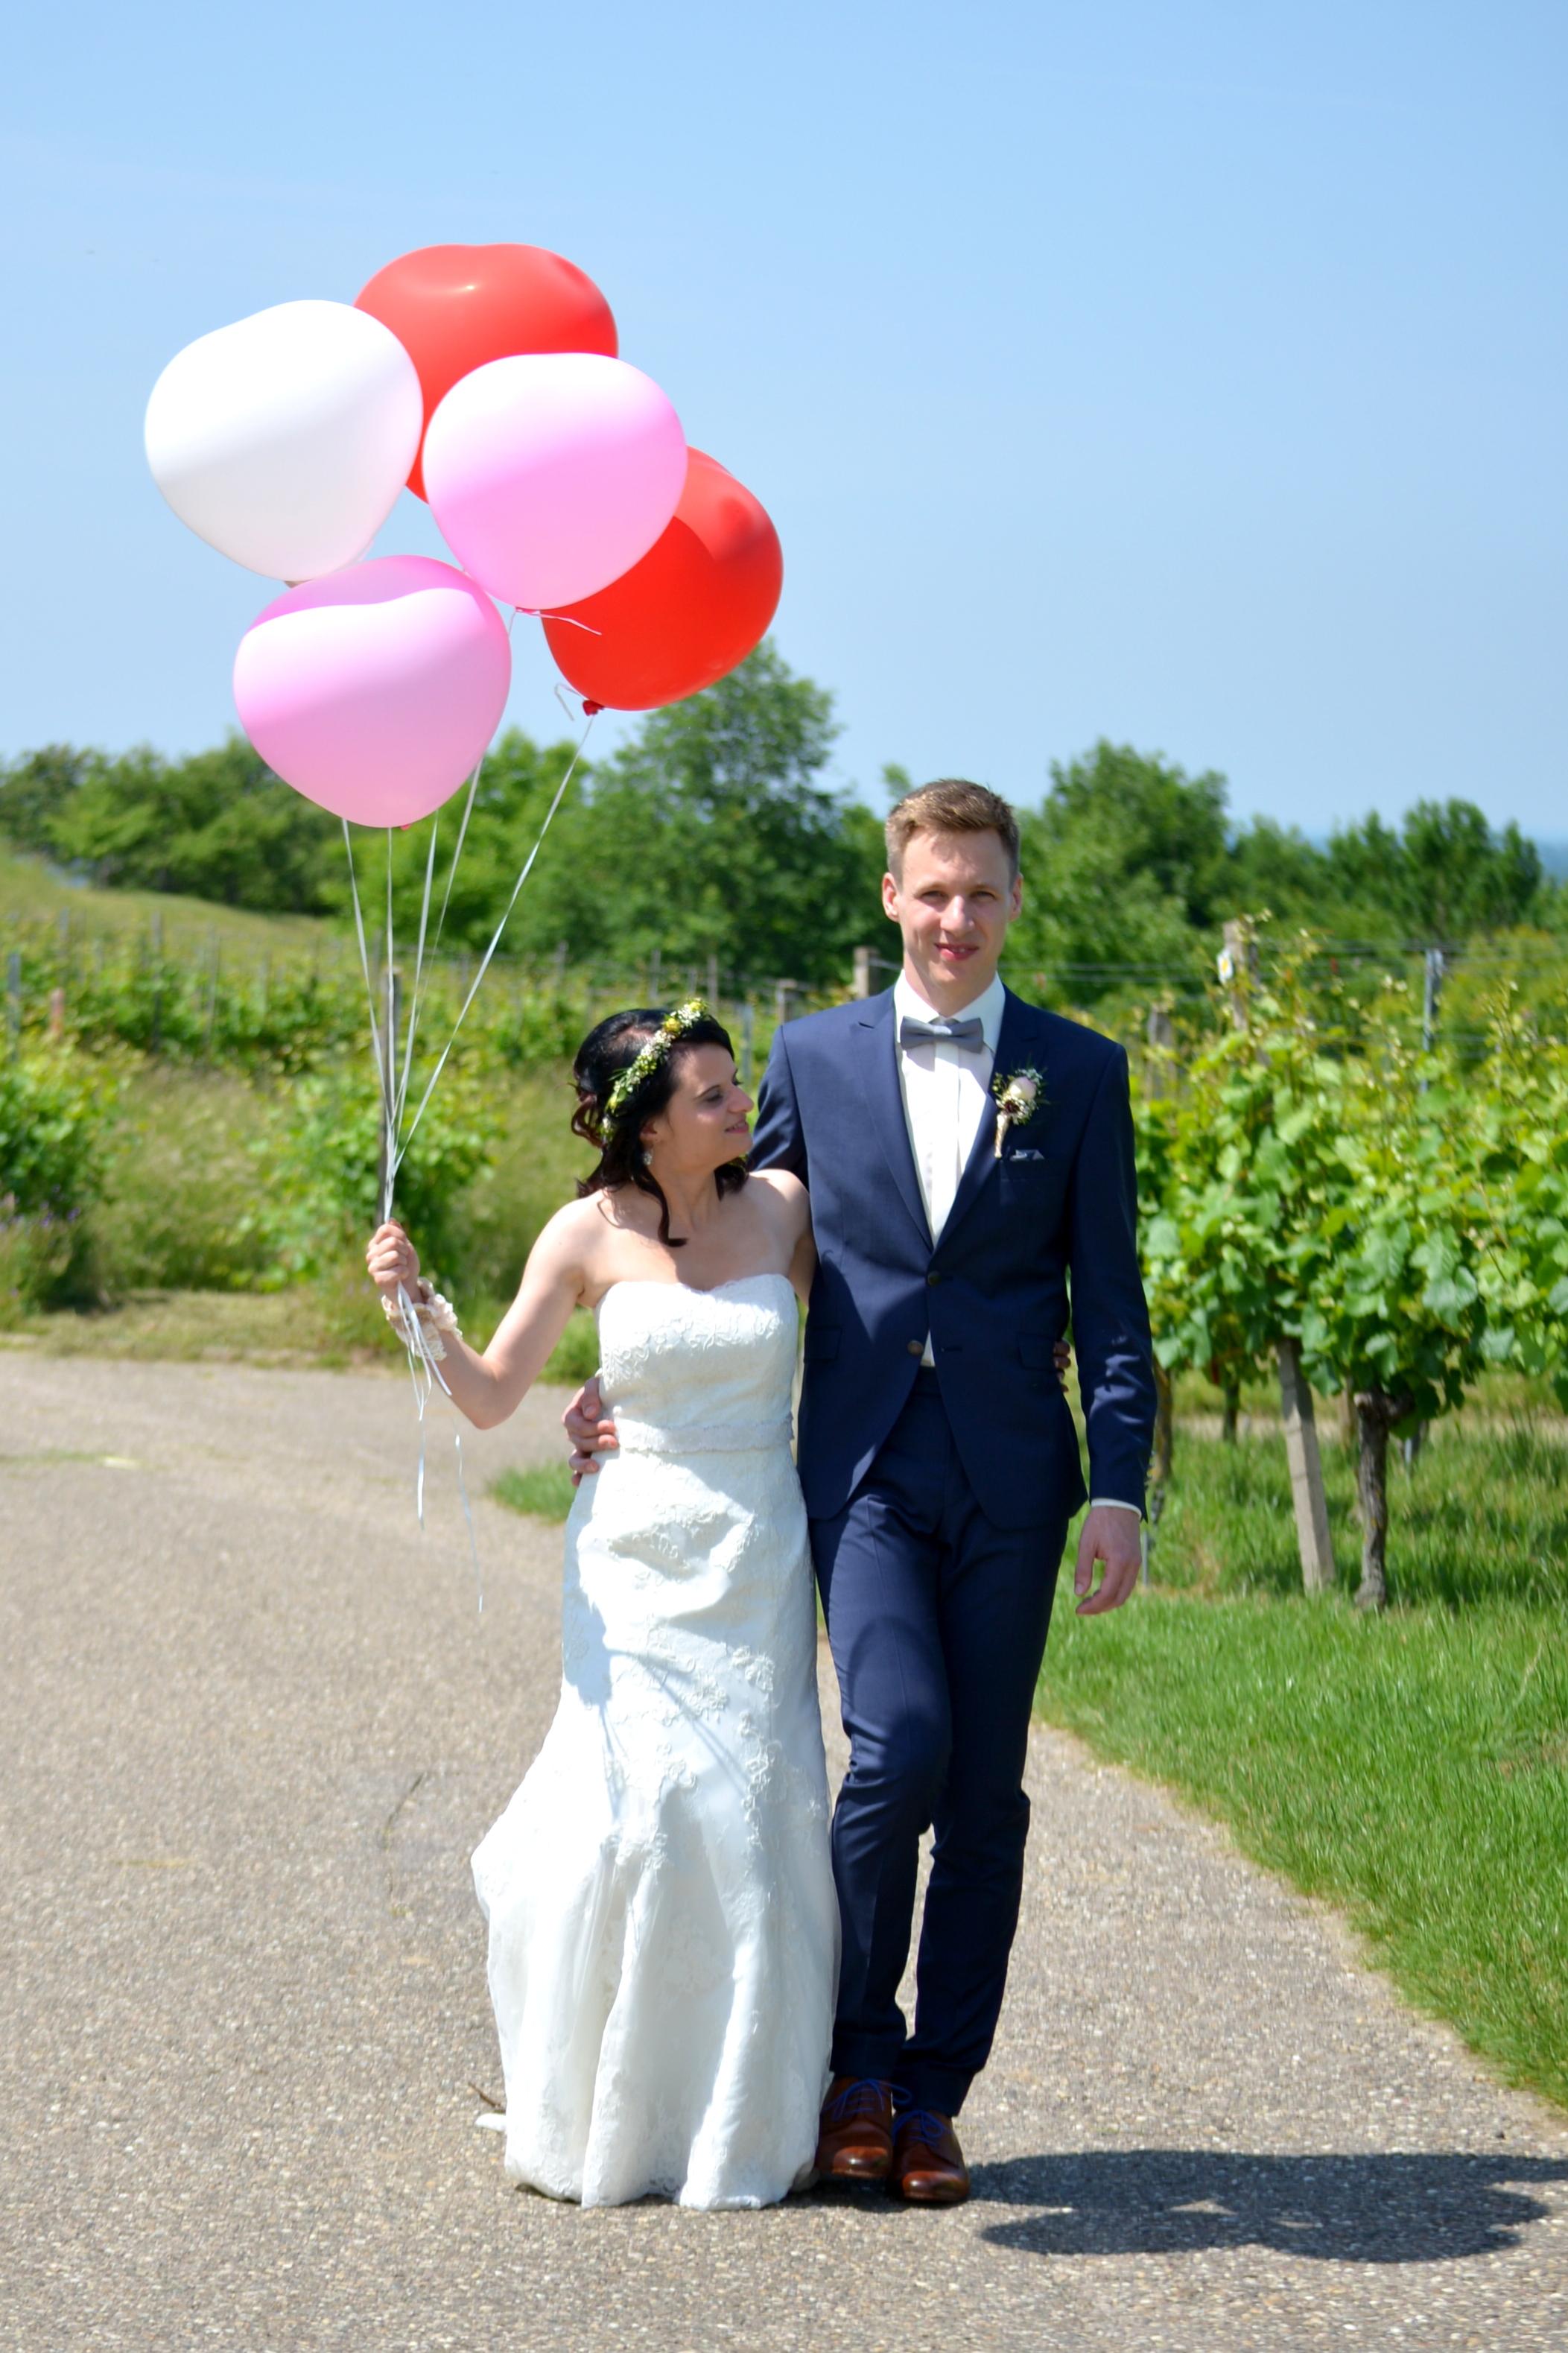 Hochzeitsfotografien, Fotografien, Paarshooting, Offenburg, Silke Berg, individuellefotografie.de